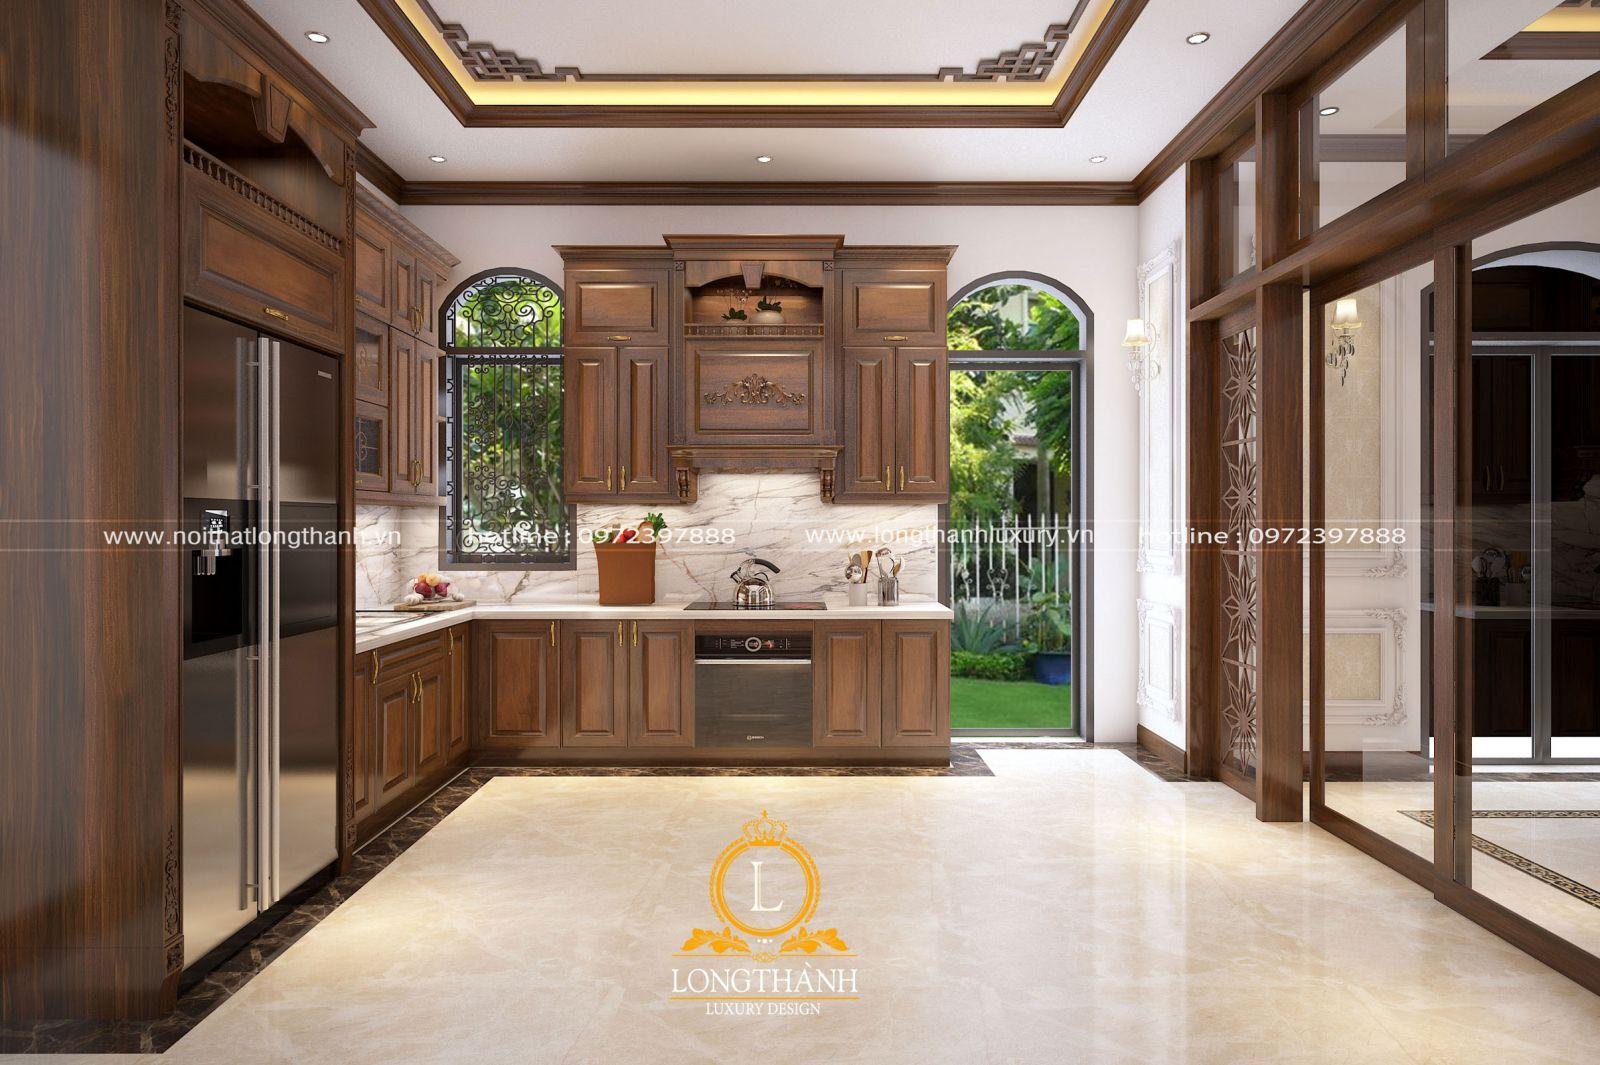 Không gian nhà bếp mang phong cách tân cổ điển được thiết kế độc đáo